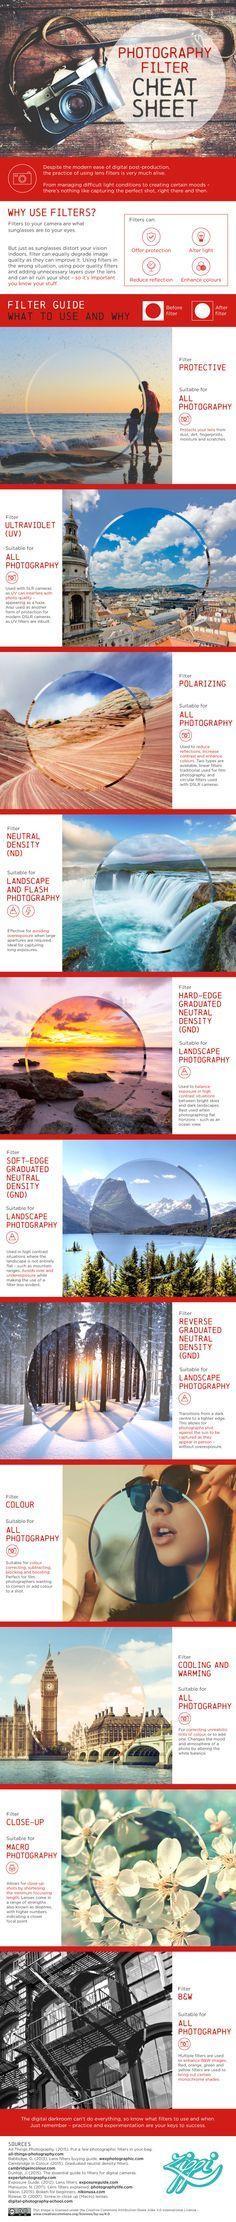 Une compilation d'infographies pour bien débuter la photographie #filtre